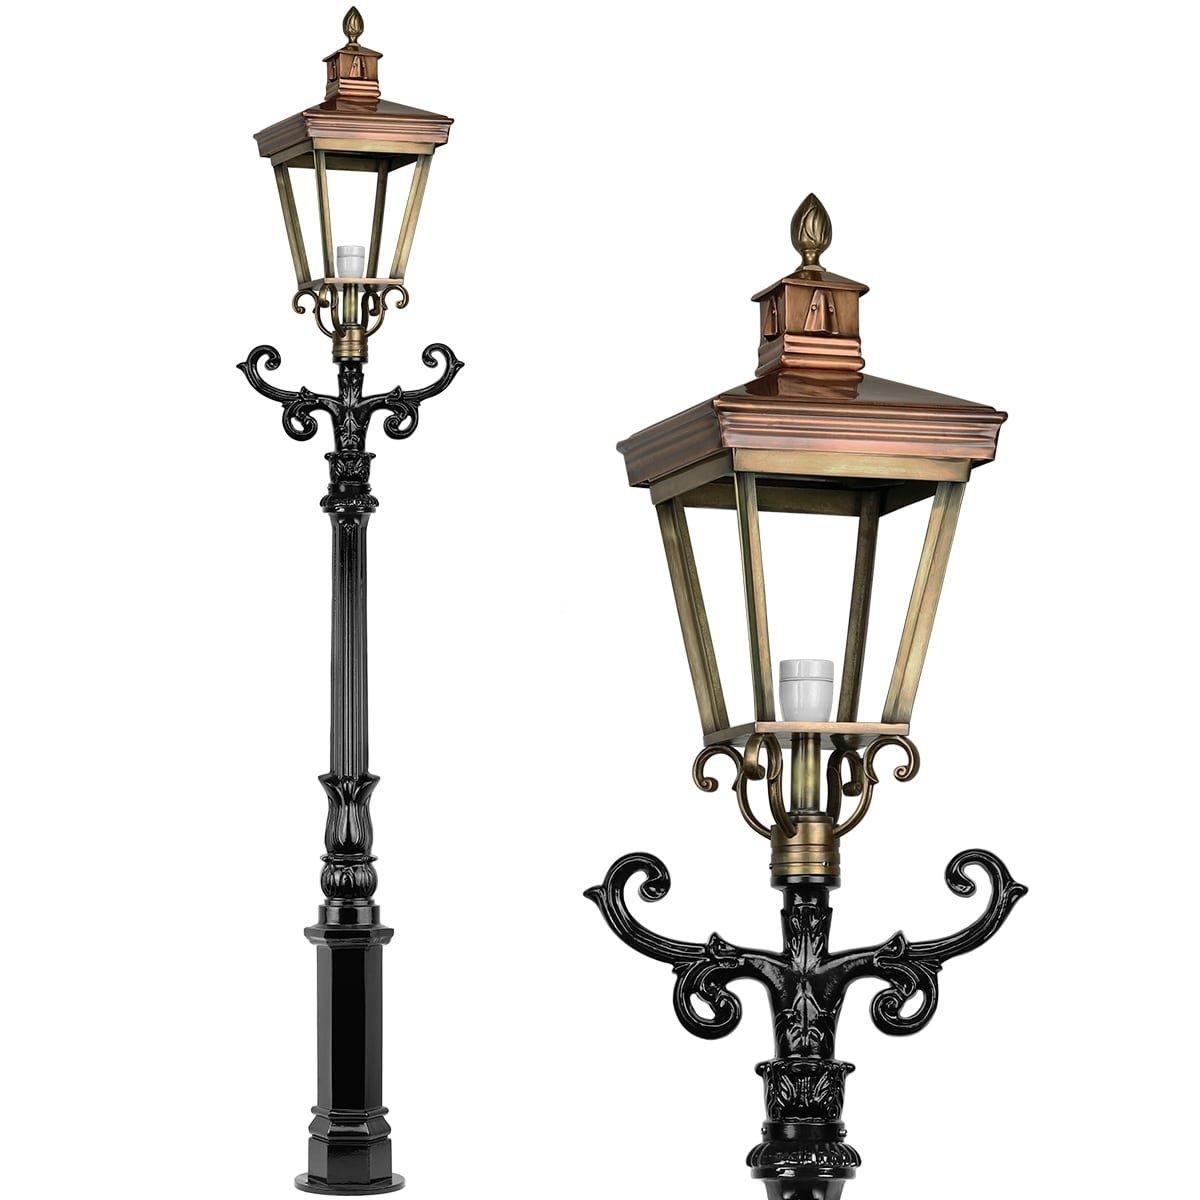 Outdoor Lighting Classic Rural Lantern post bronze Lauwersoog - 230 cm